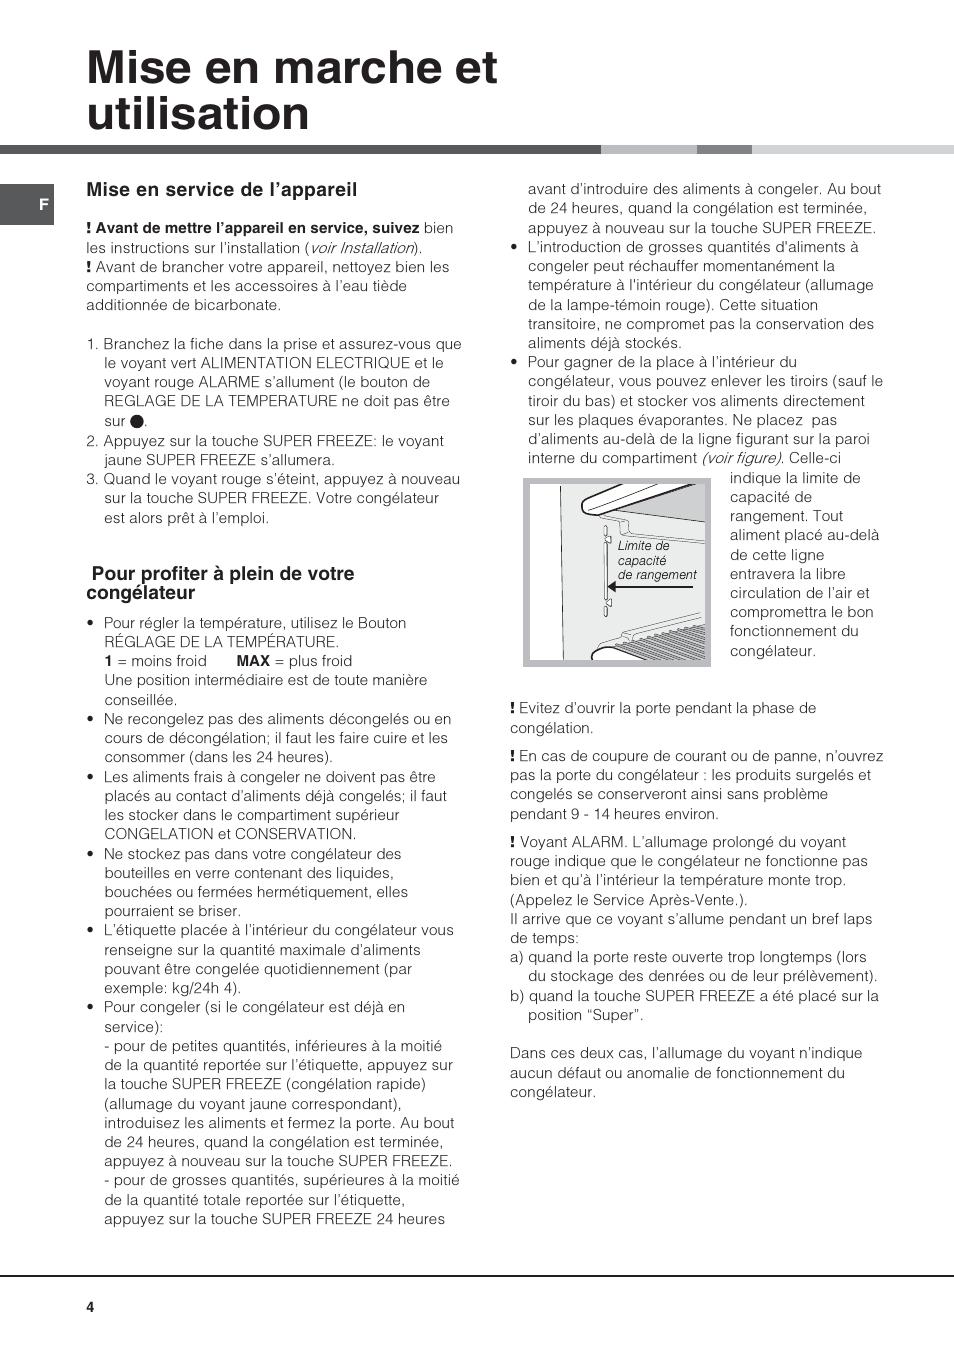 mise en marche et utilisation hotpoint ariston ups 1746 ha manuel d 39 utilisation page 4 8. Black Bedroom Furniture Sets. Home Design Ideas